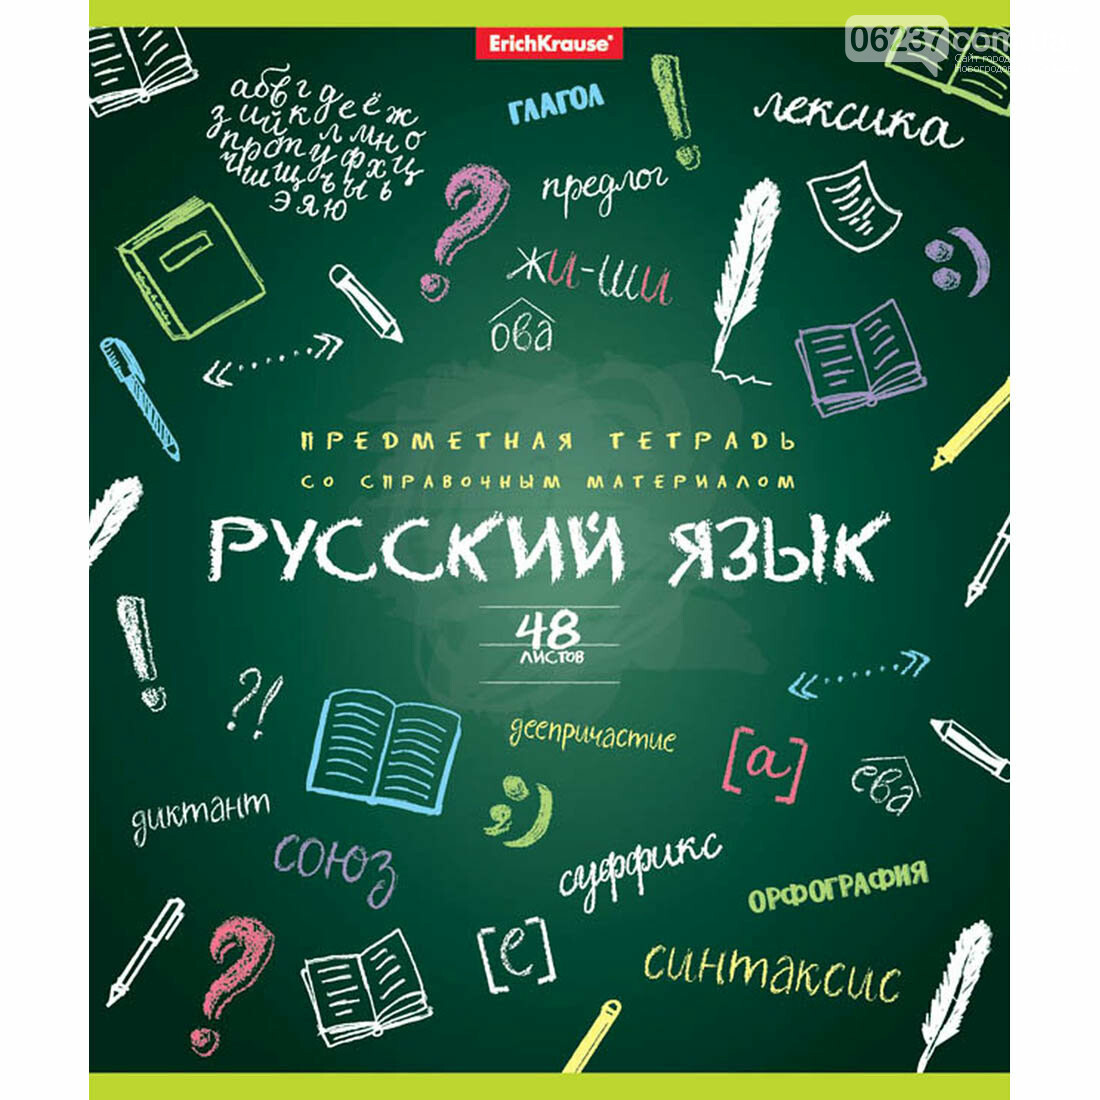 Русский для Донбасса: эксперты прокомментировали языковой вопрос, фото-1